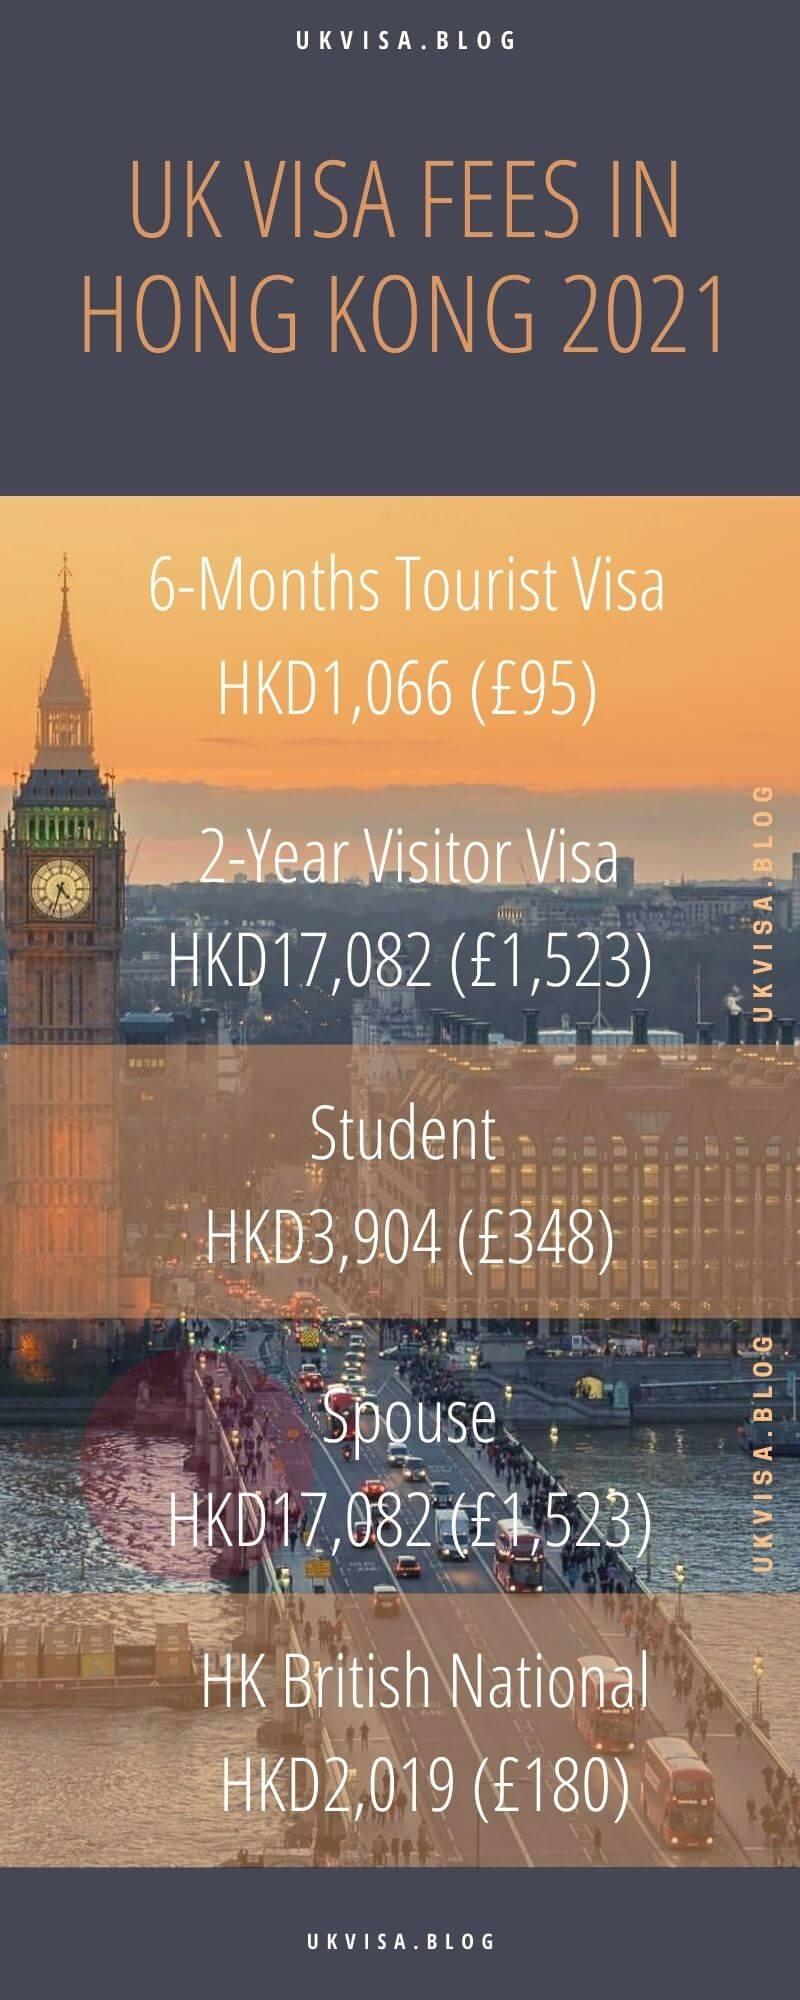 UK 6 Month Visit, Tourist, Student, Spouse Visa Fees Hong Kong 2021